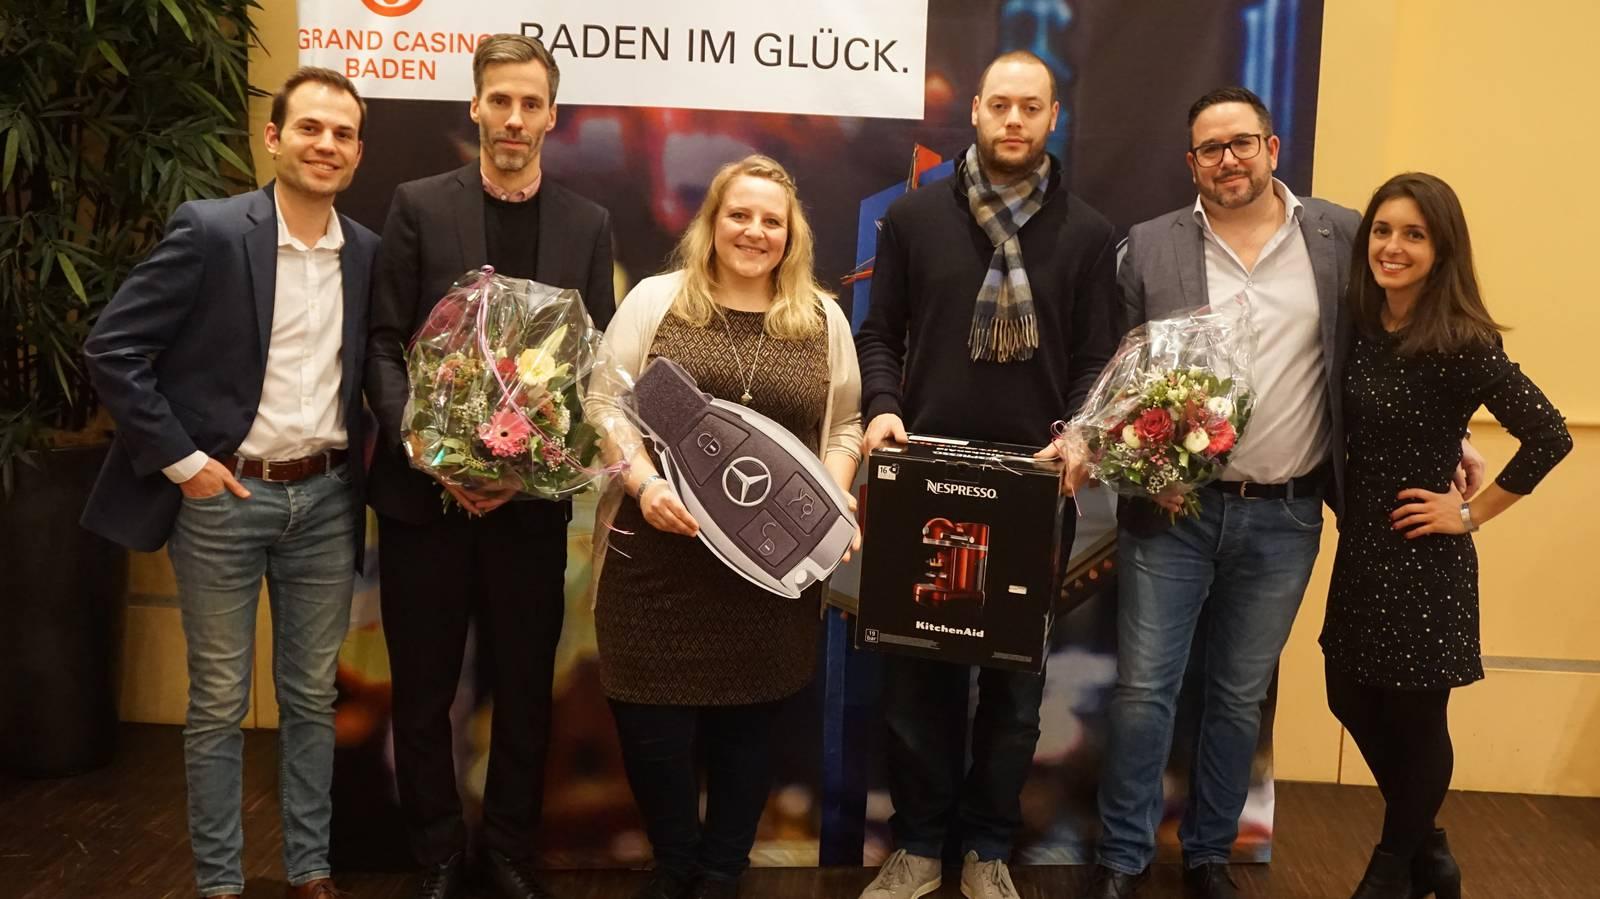 Siegerin Pia, Finalist Sandro, die Moderatoren Ralph Steiner und Céline Werdelis, Marco Kugel (Leiter Events Radio) und Beat Lehmann vom Grand Casino Baden. (© Radio 24)